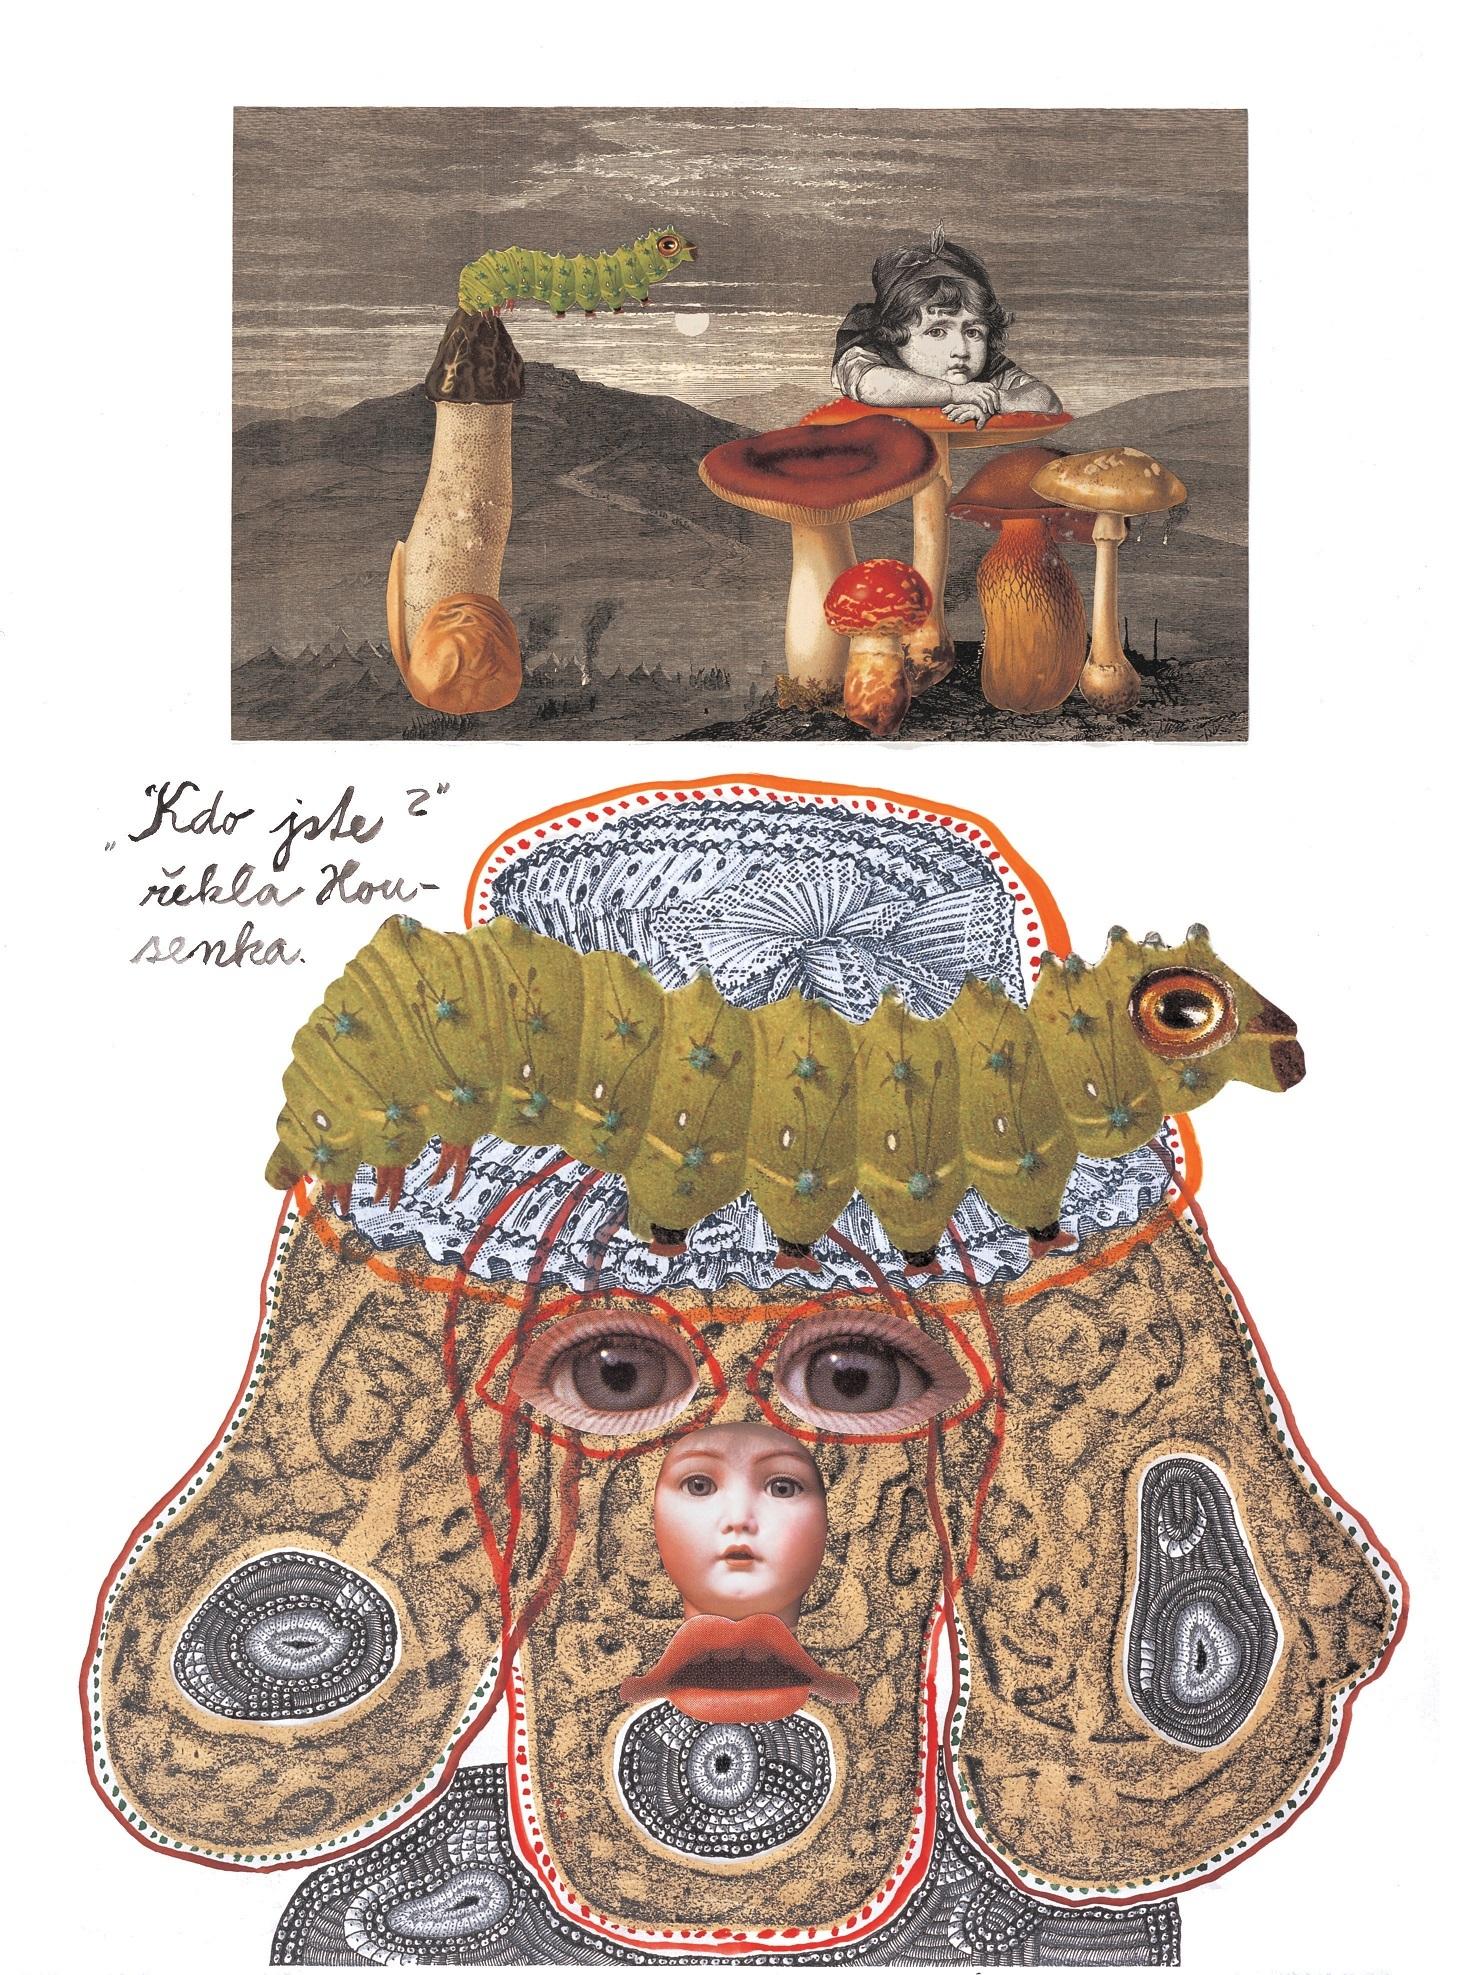 """ヤン・シュヴァンクマ イエル 「芋虫の教え」 Illustration for the book """"Alice"""", 2006, by Jan Švankmaher, (C)Athanor Ltd."""